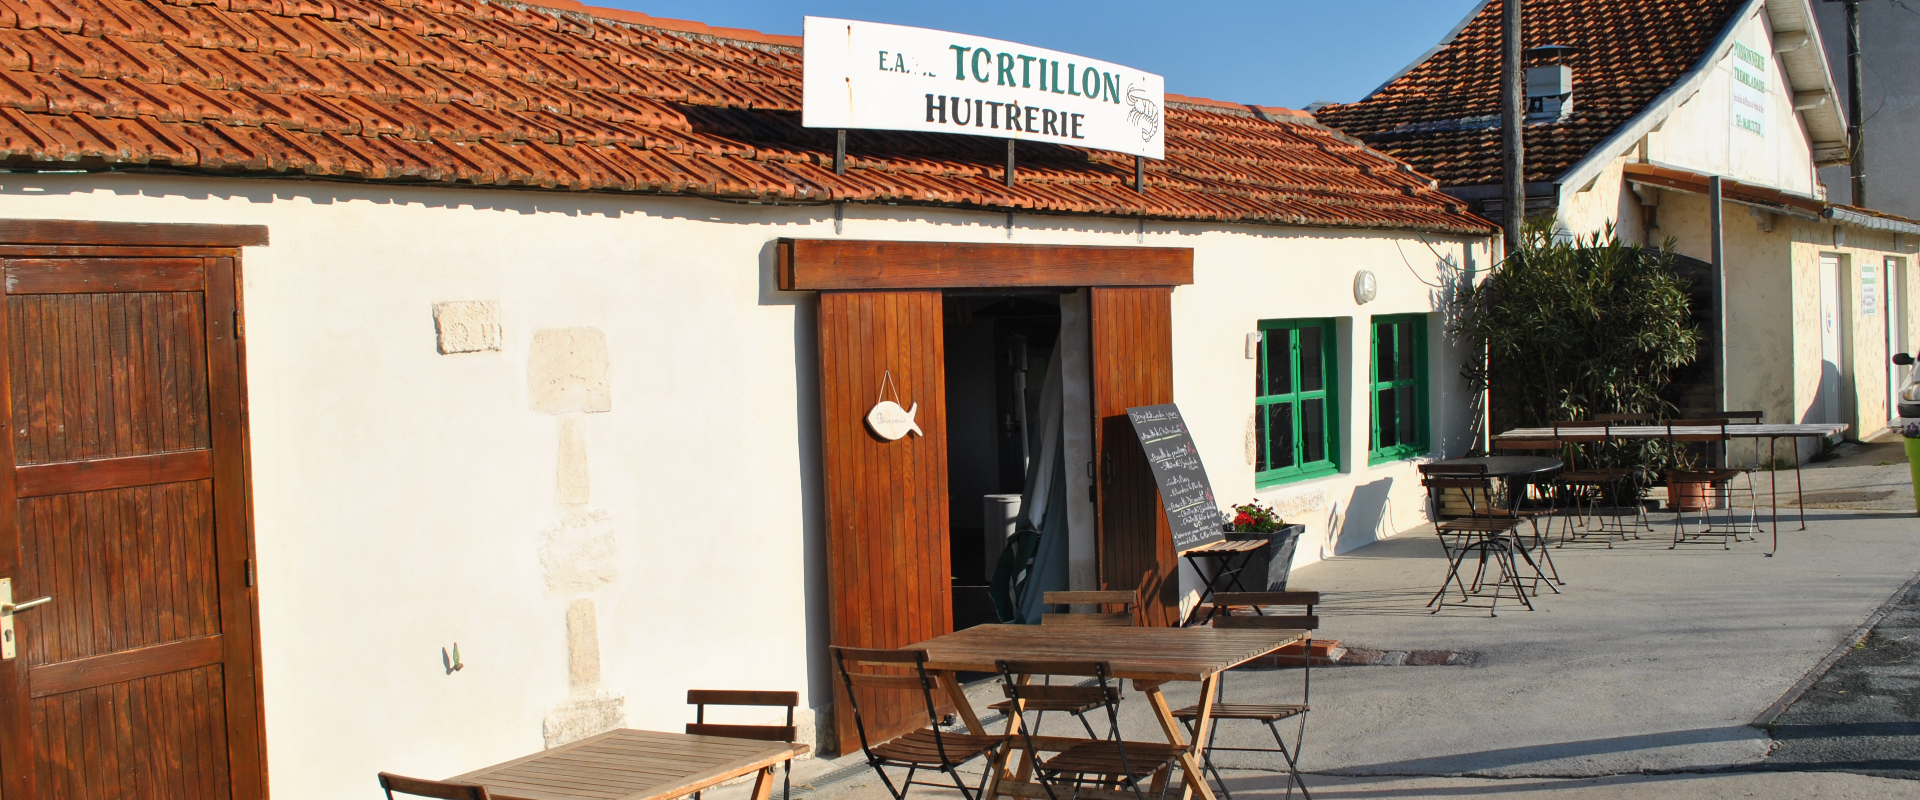 tortillon-huitrerie